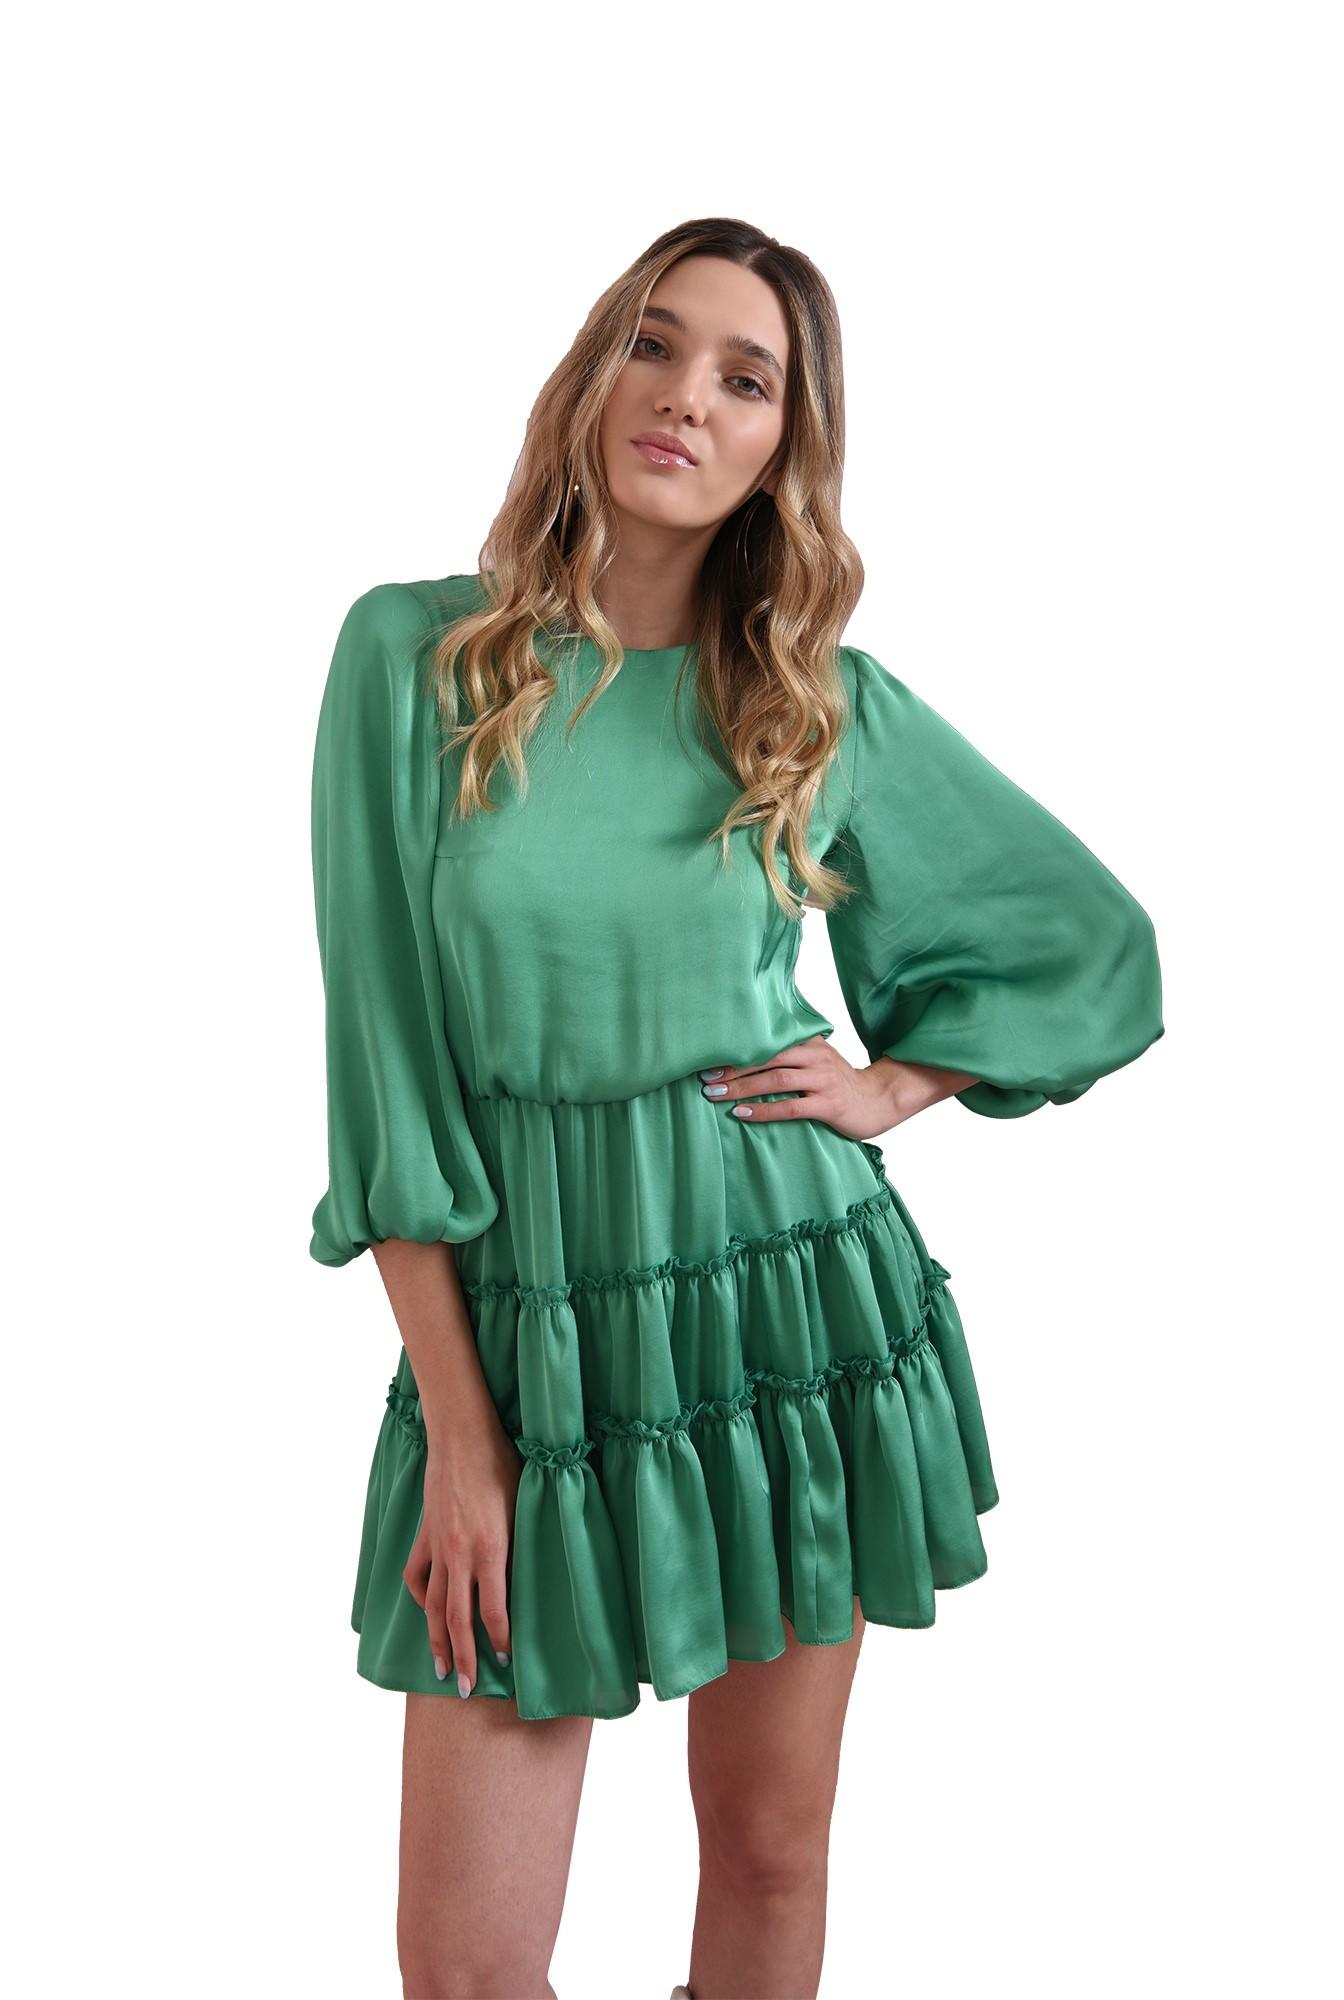 3 - rochie verde, scurta, din satin